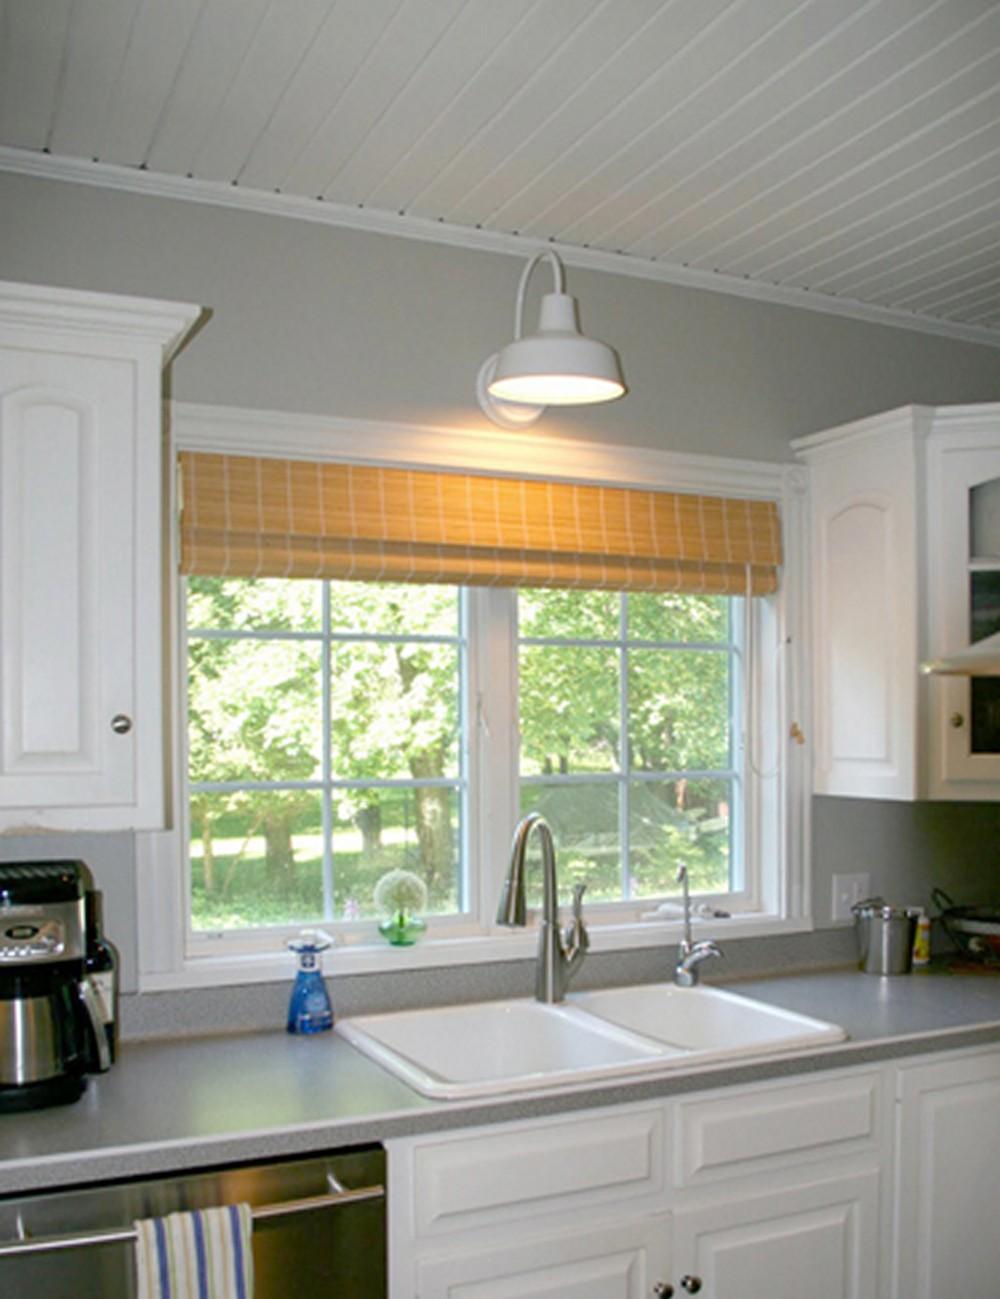 освещение на кухне у окна